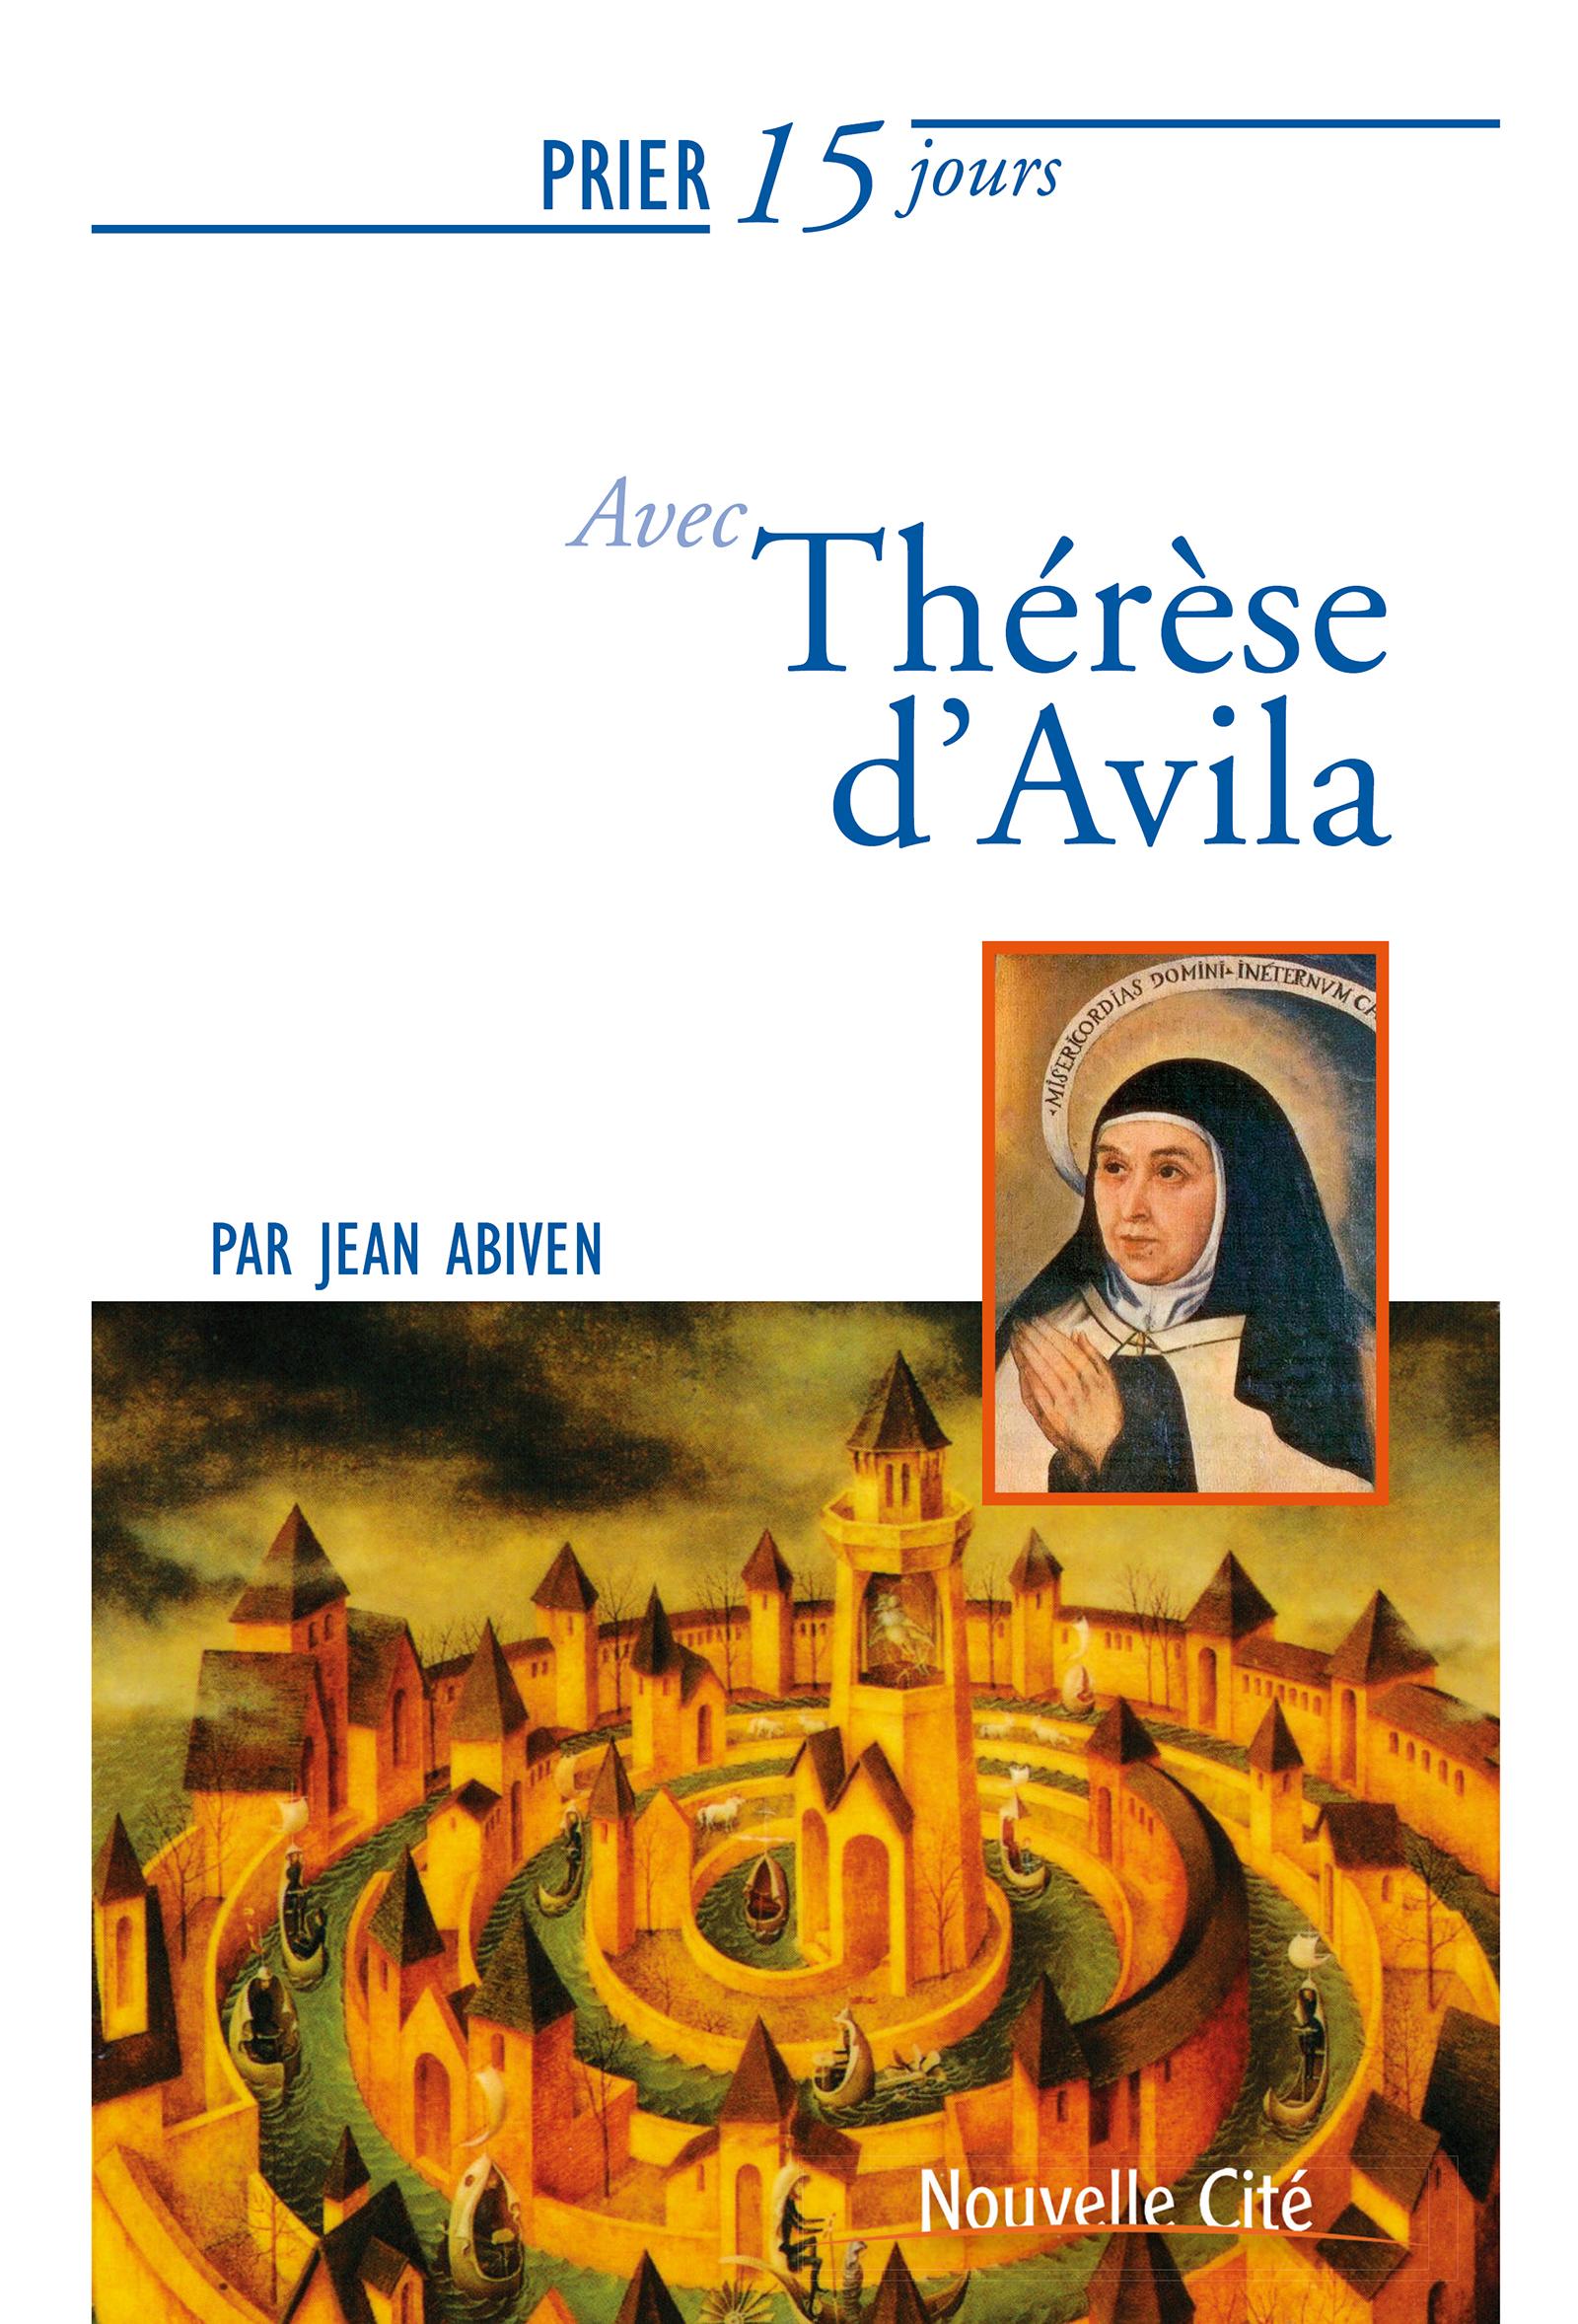 Prier 15 jours avec Therese d'Avila